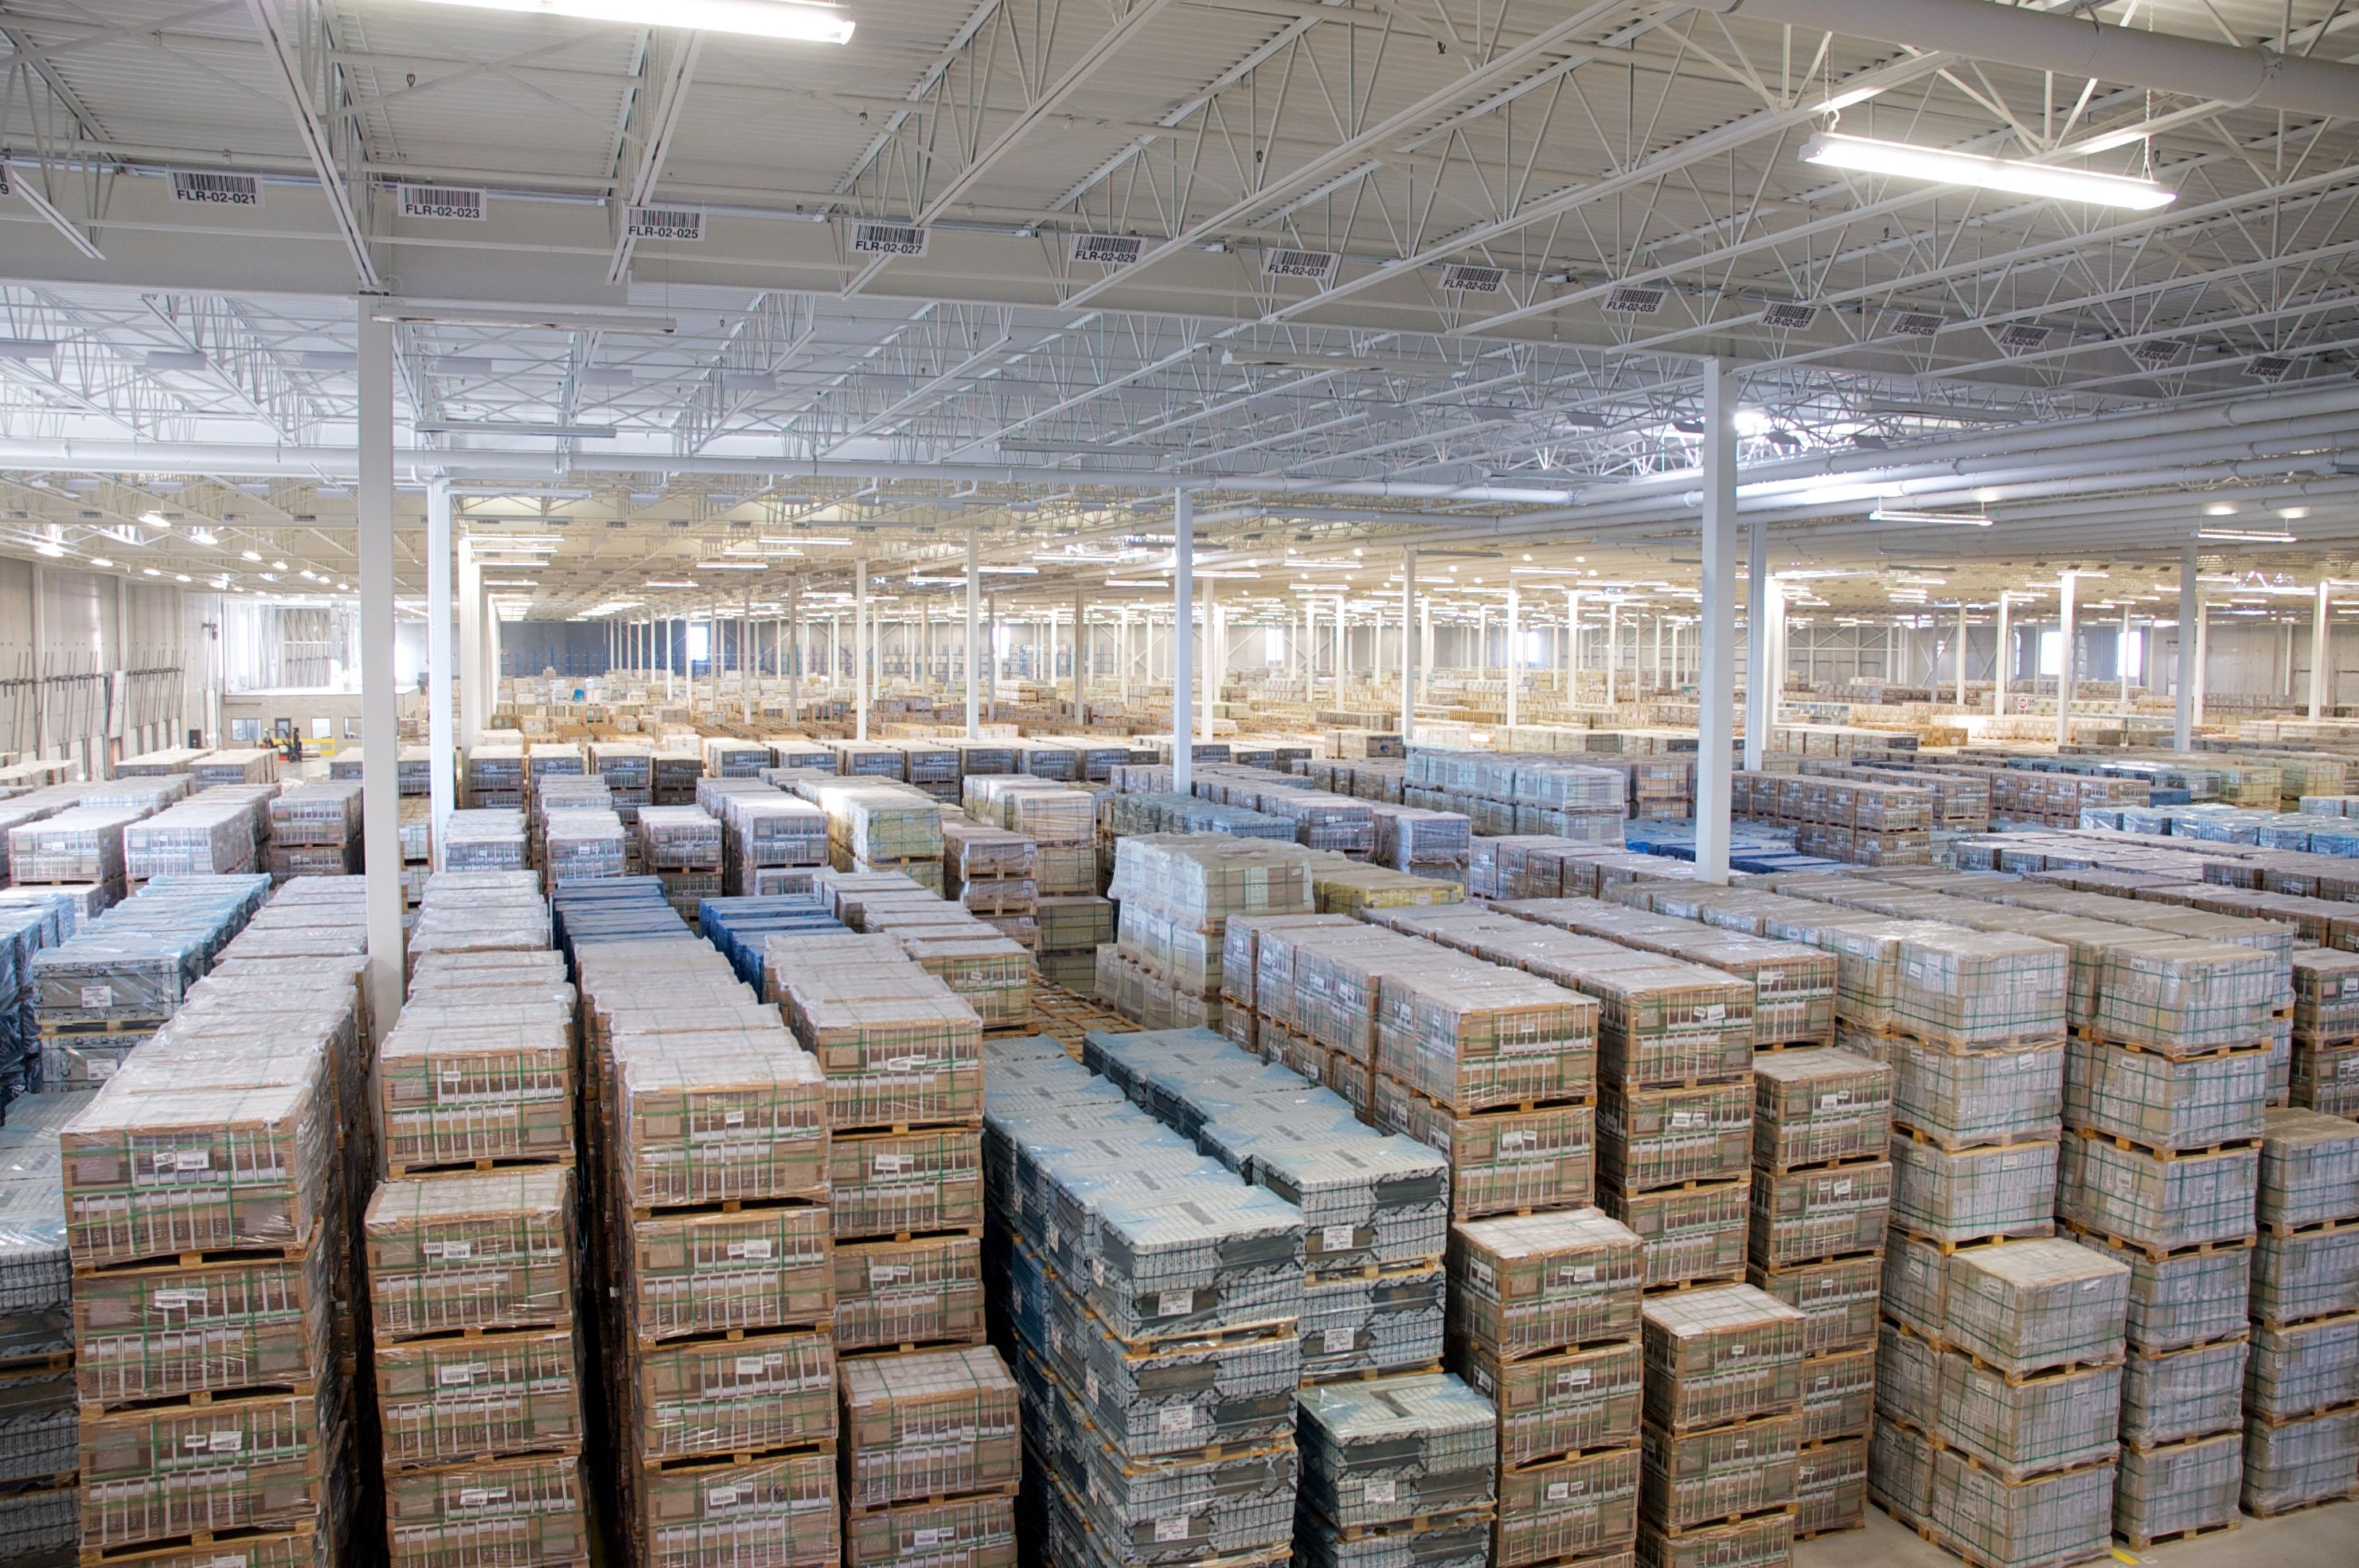 Anatolia Tile Warehouse Anatolia Pinterest Tile Warehouse - Discount tile warehouse near me